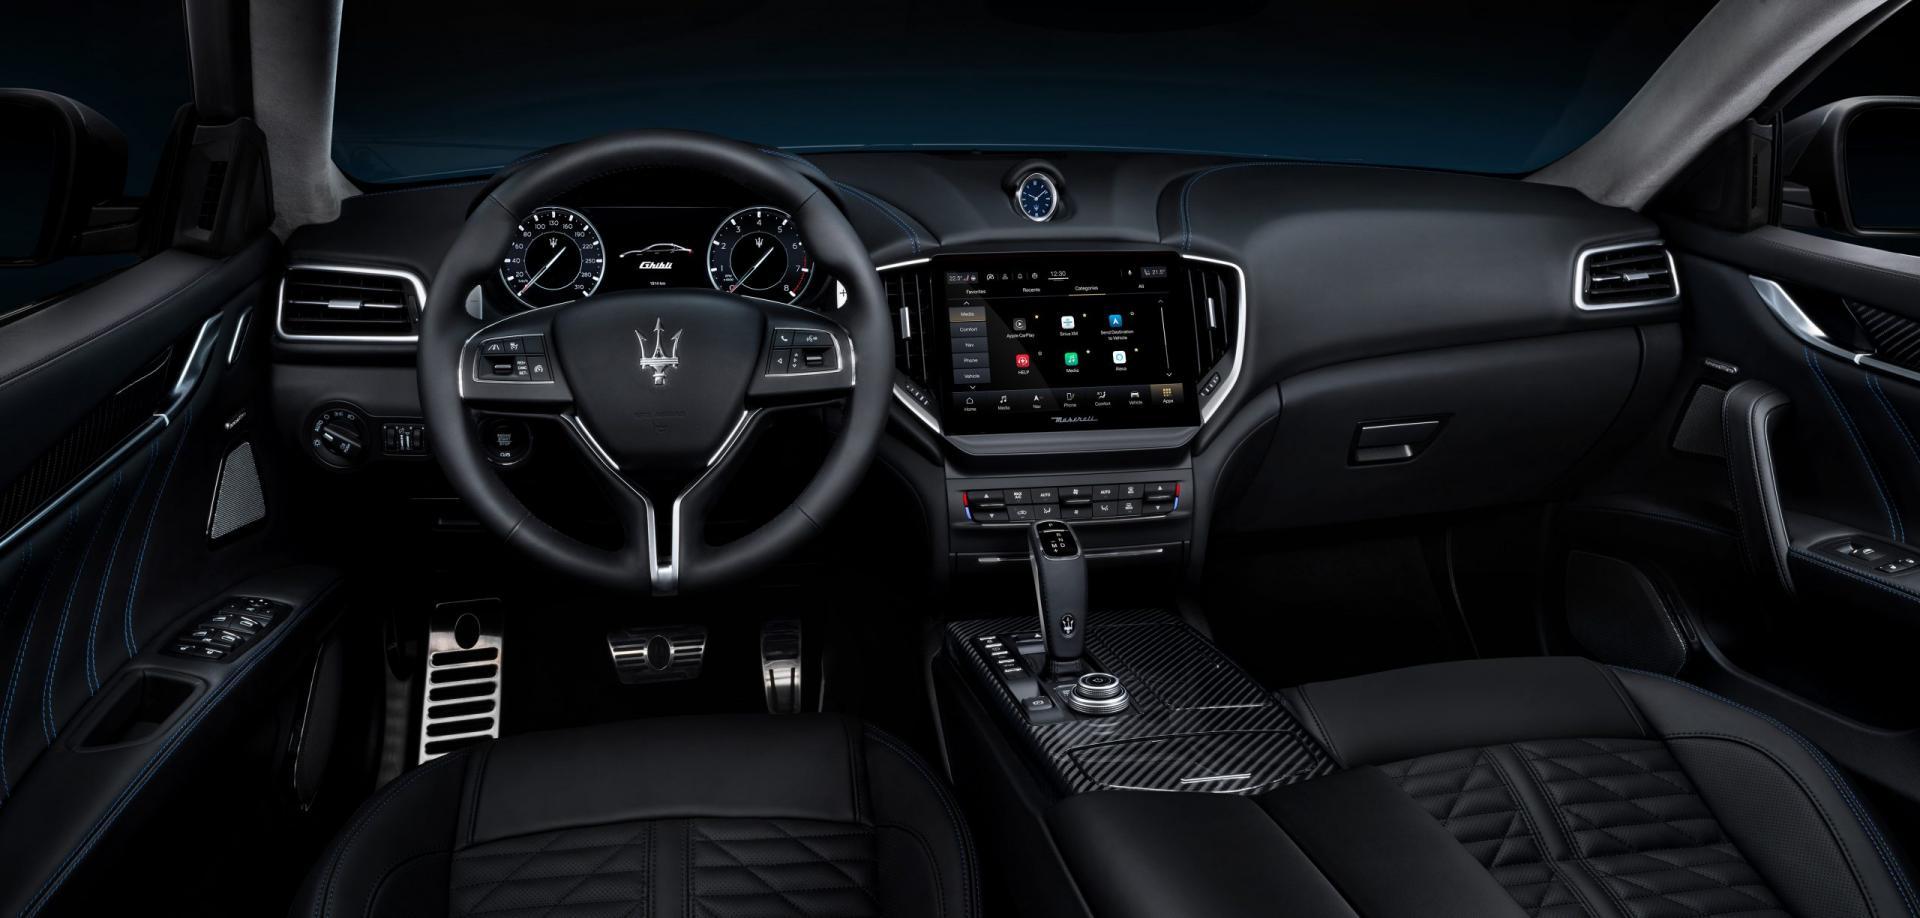 Interieur en dashboard Maserati Ghibli Hybrid 2020